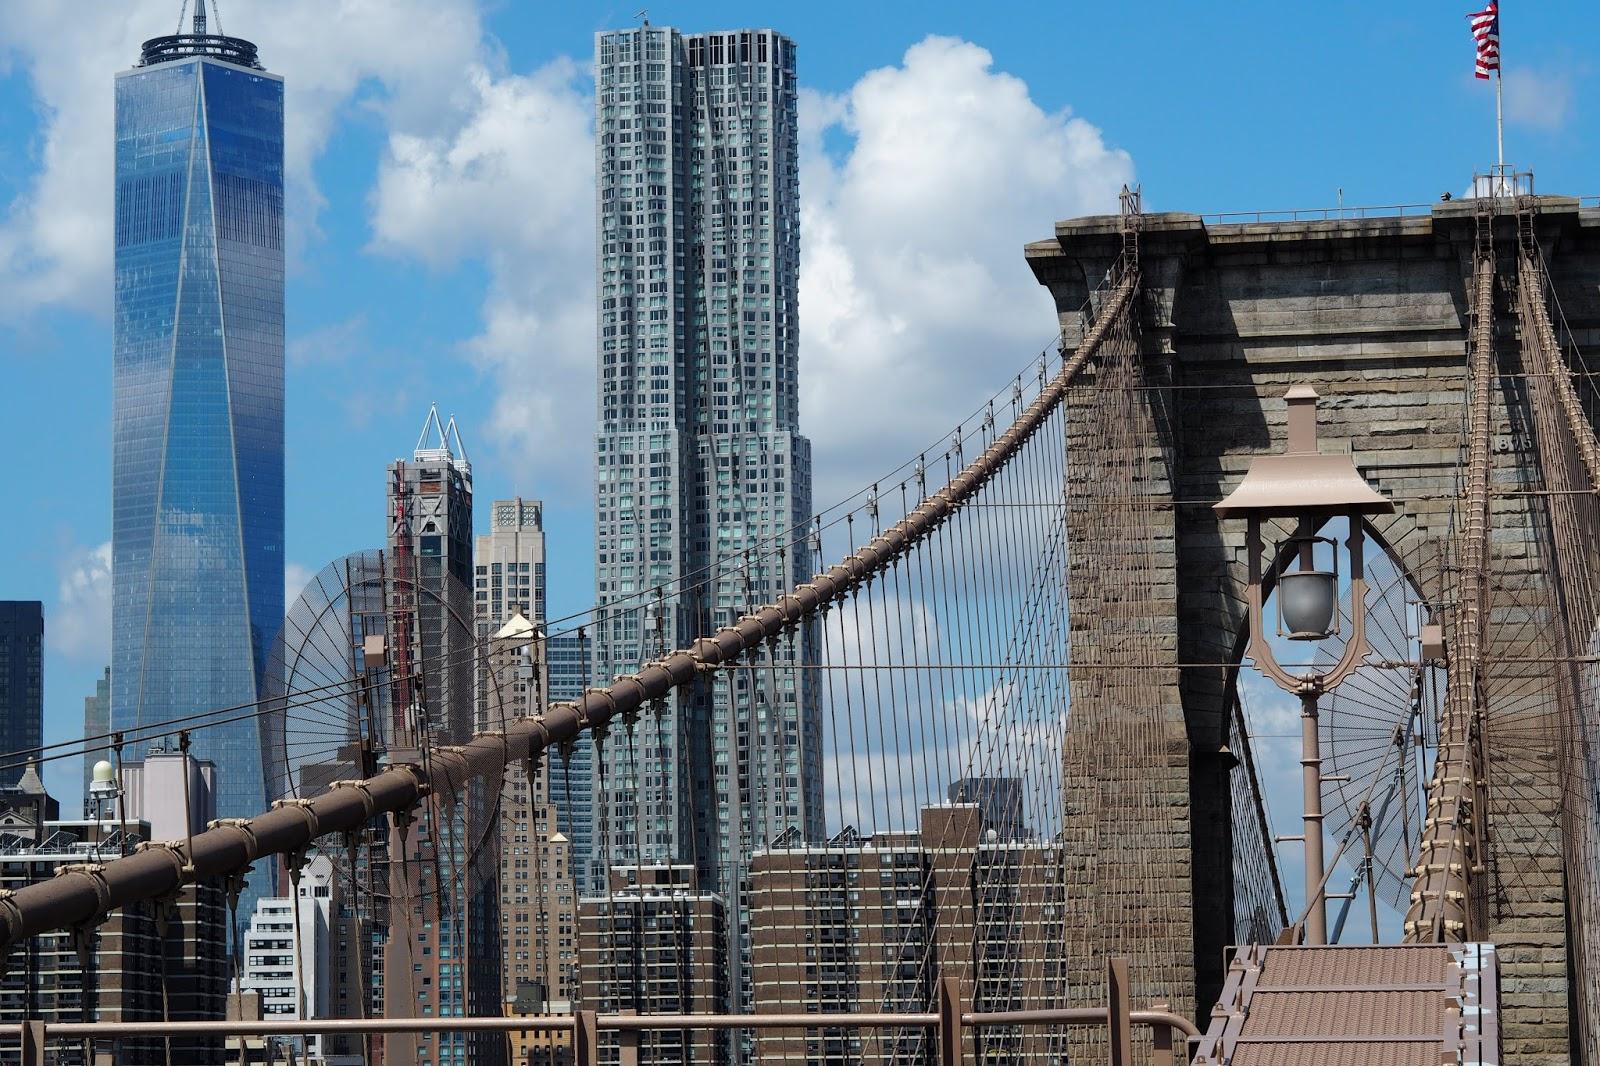 The Manhattan bridge view from Dumbo